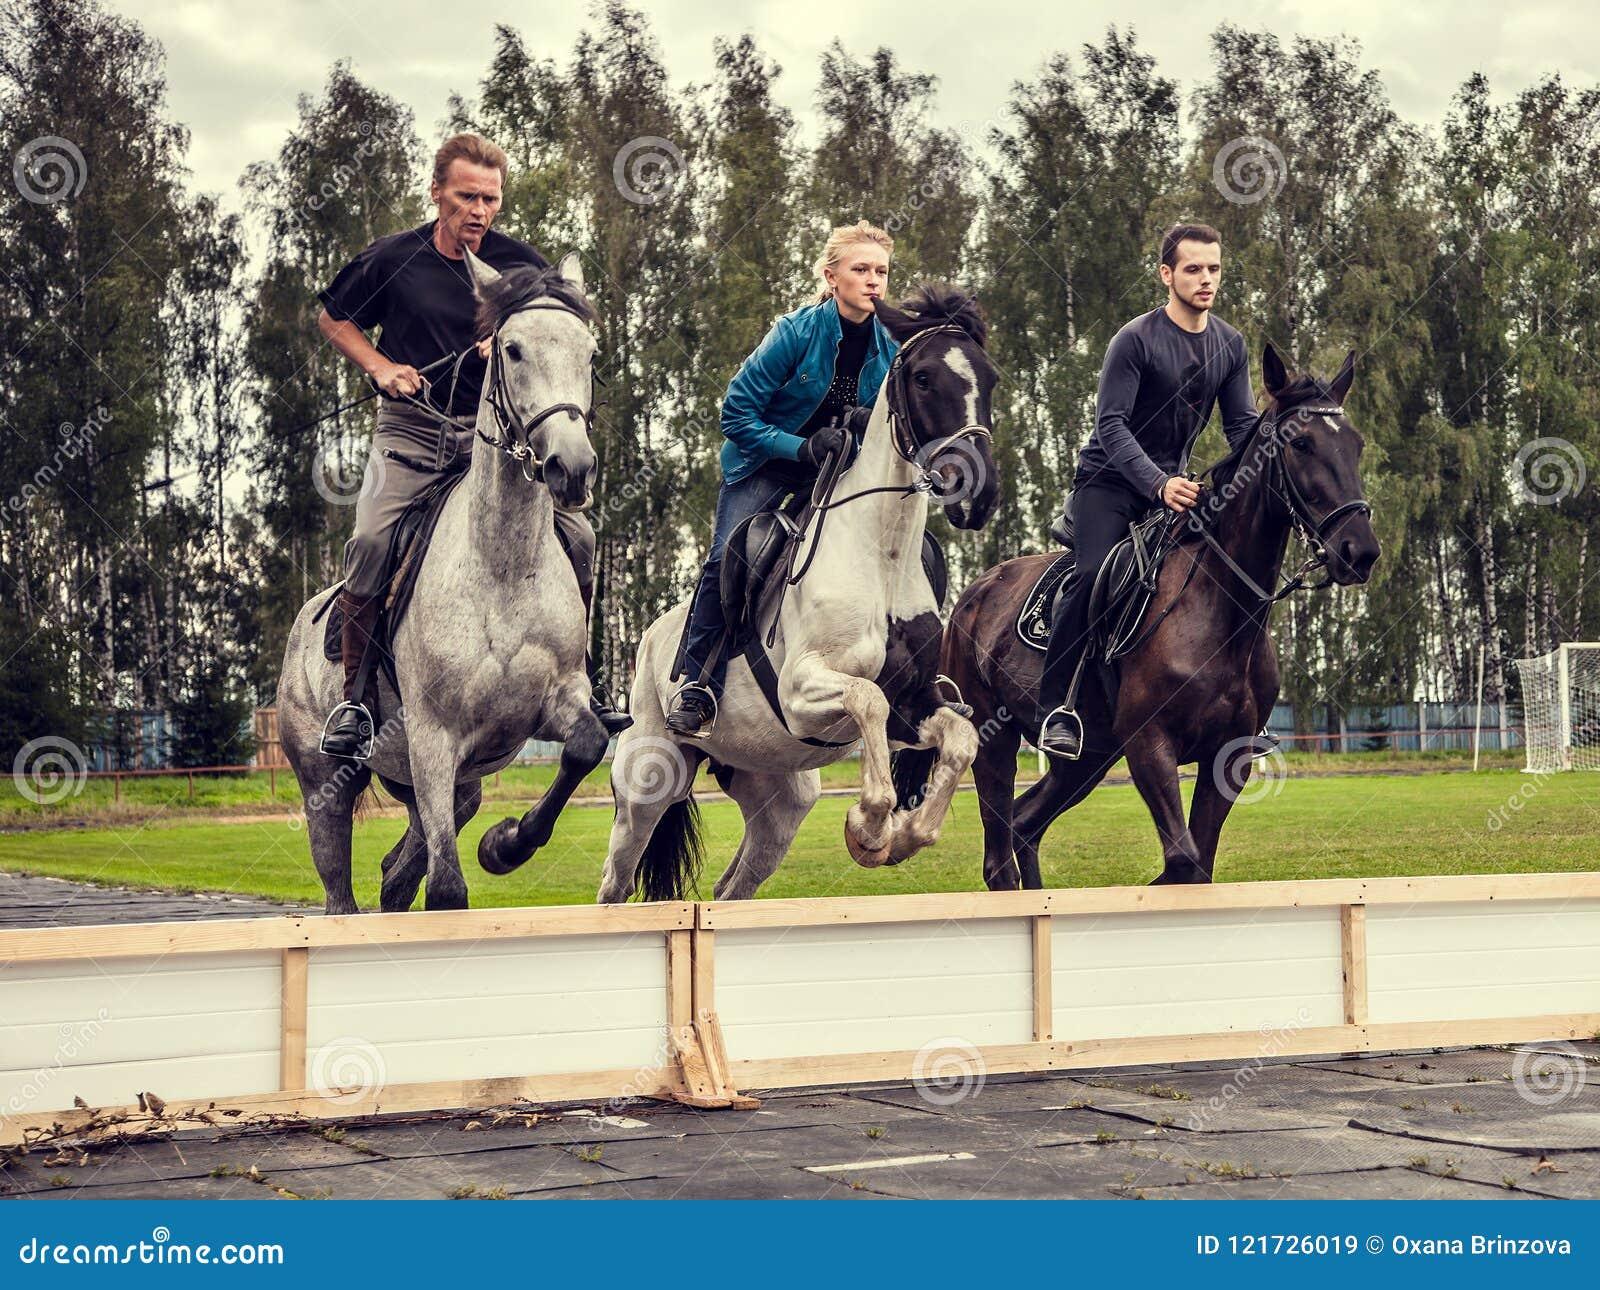 23 08 Banhoppning 2017 för Smolensk regionshow på festivalen Tre ryttare som synkront hoppar på hästrygg över ett hinder